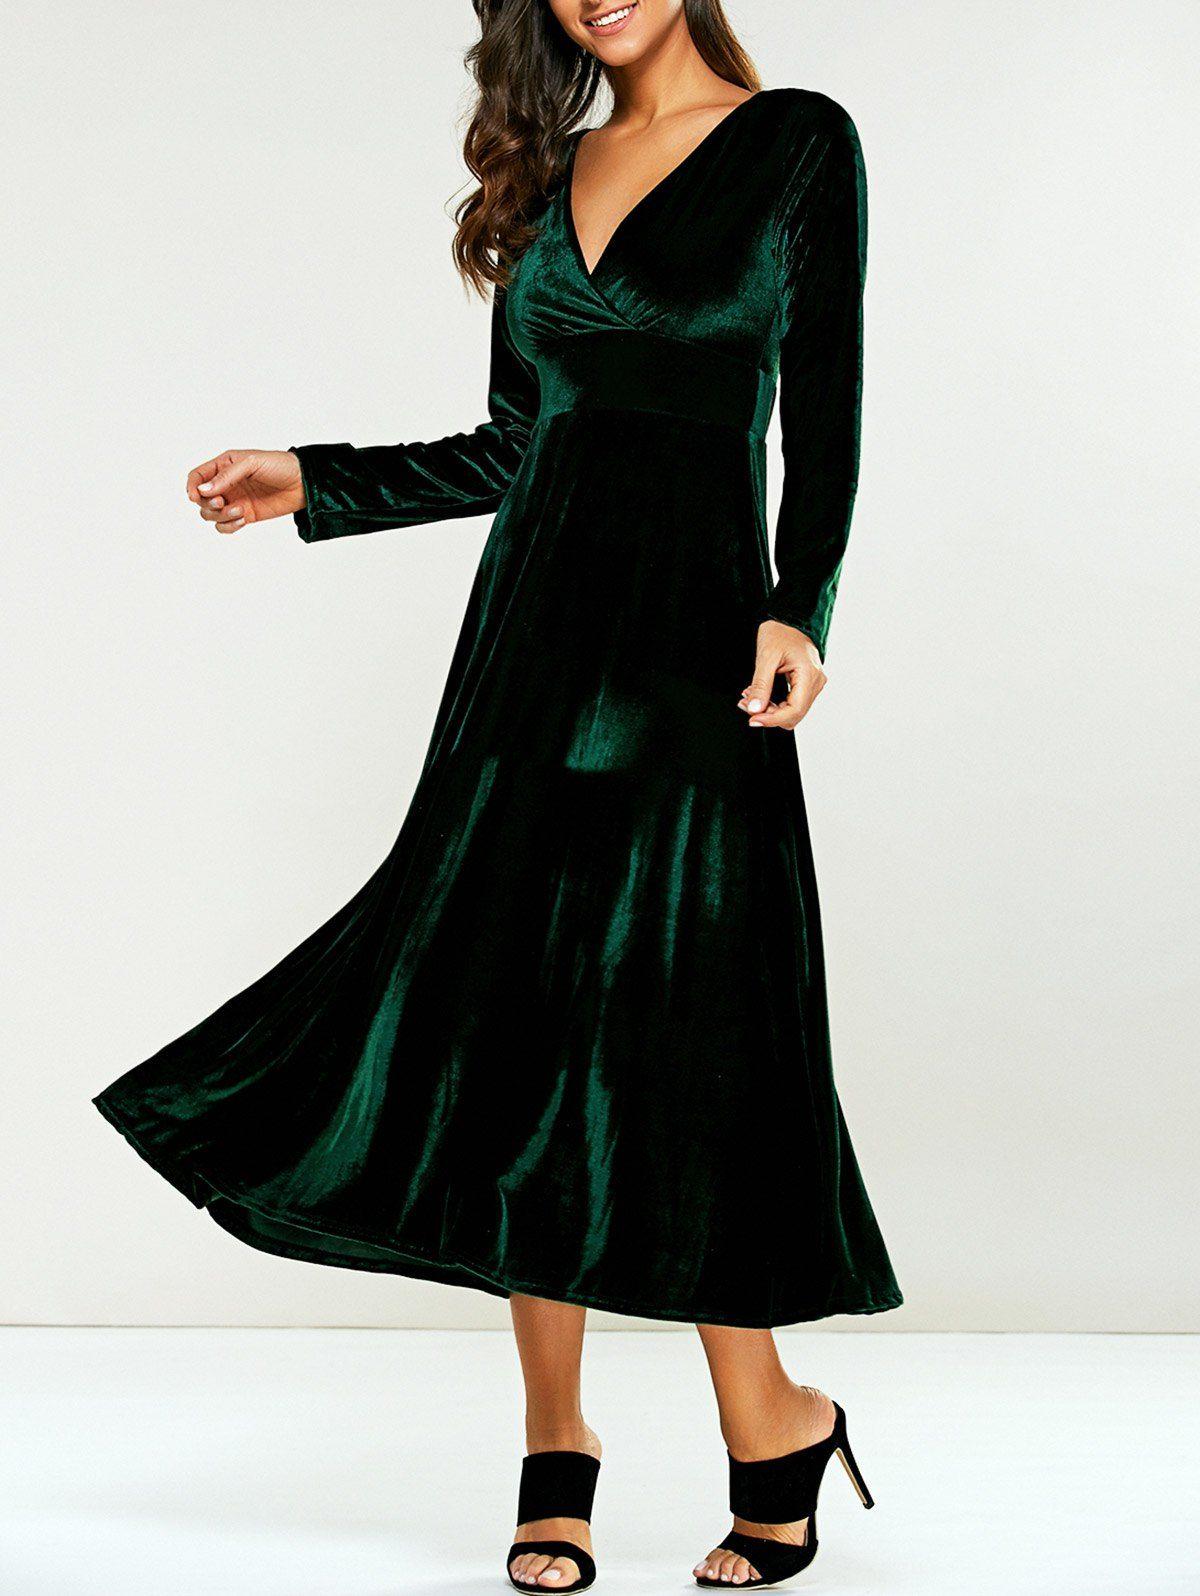 Empire Waist Velvet V Neck A Line Dress Lingerei Dresses Prom